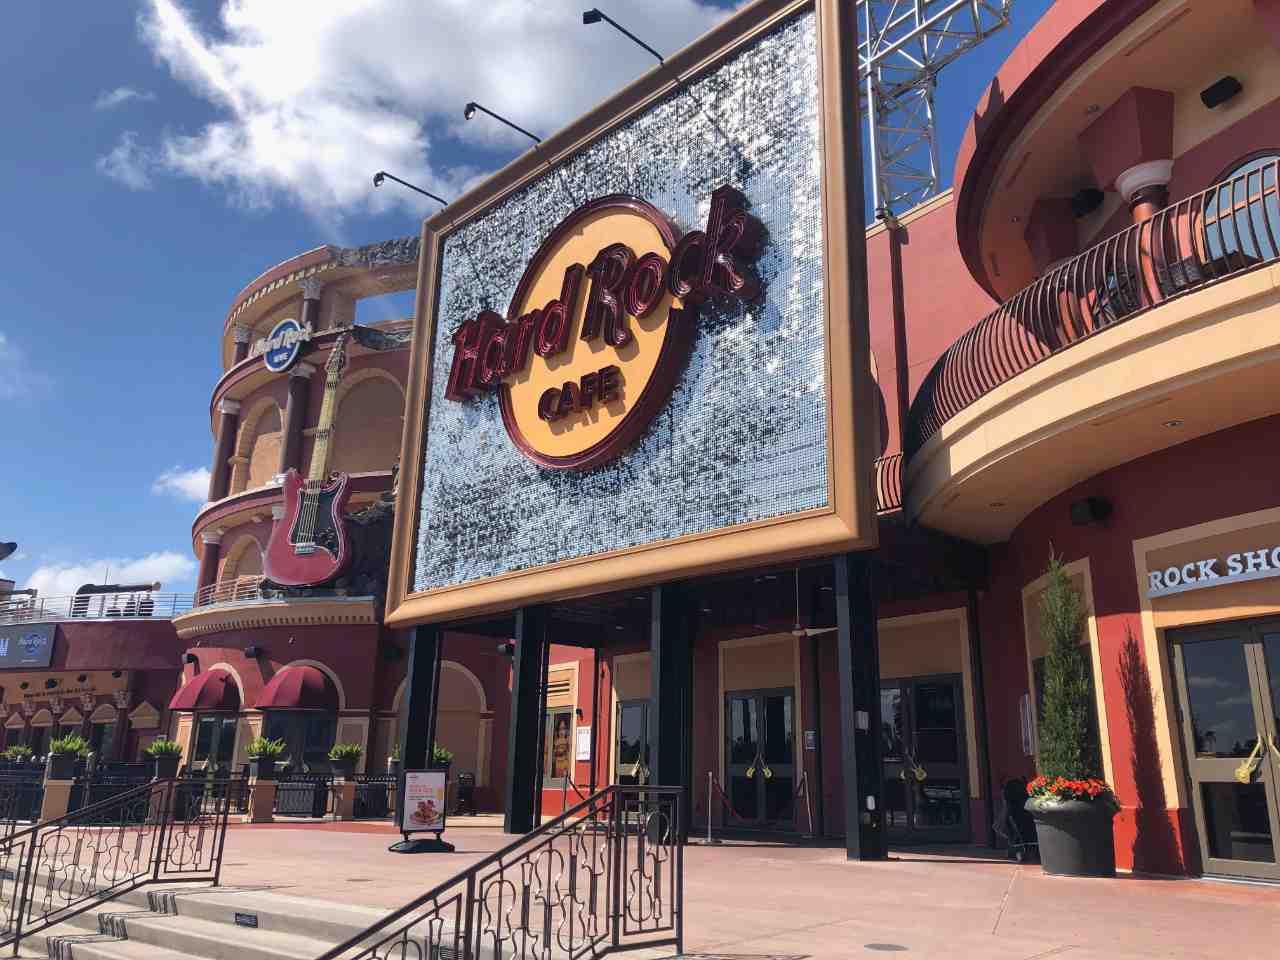 Entrada do Hard Rock Cafe, um dos restaurantes temático de Orlando